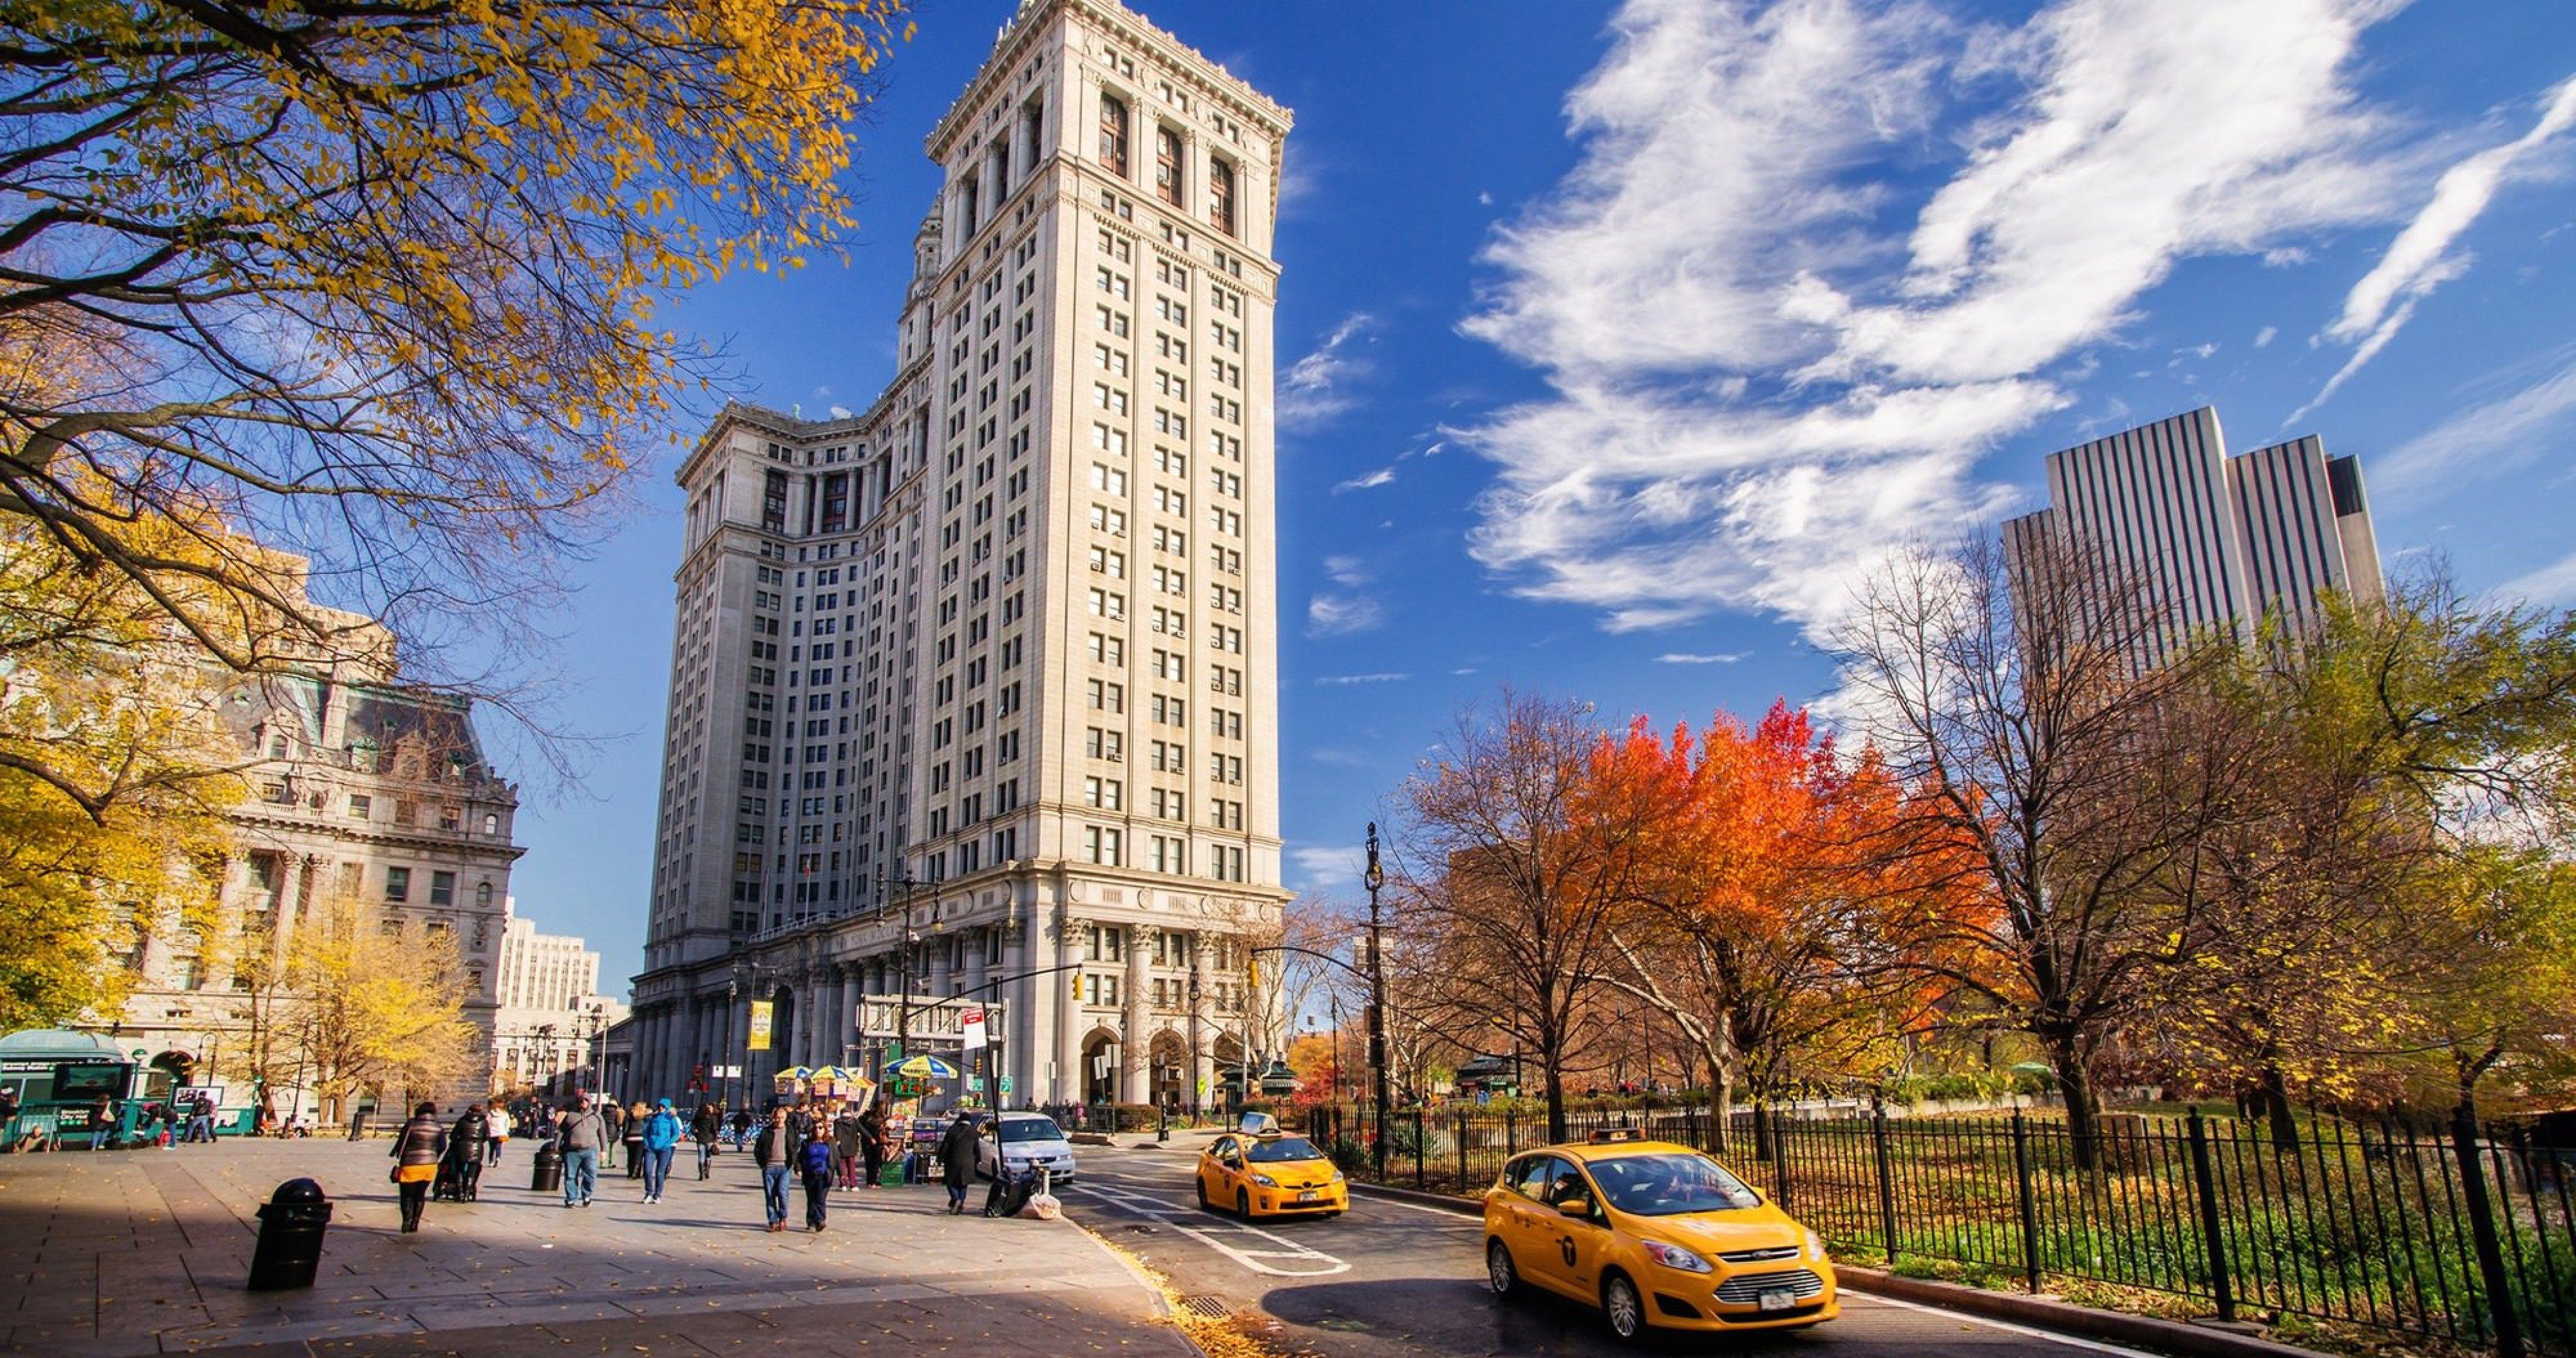 New York Manhattan 14 4k Ultra Hd Wallpaper Usa Wallpaper Autumn Wallpaper Hd Wallpaper